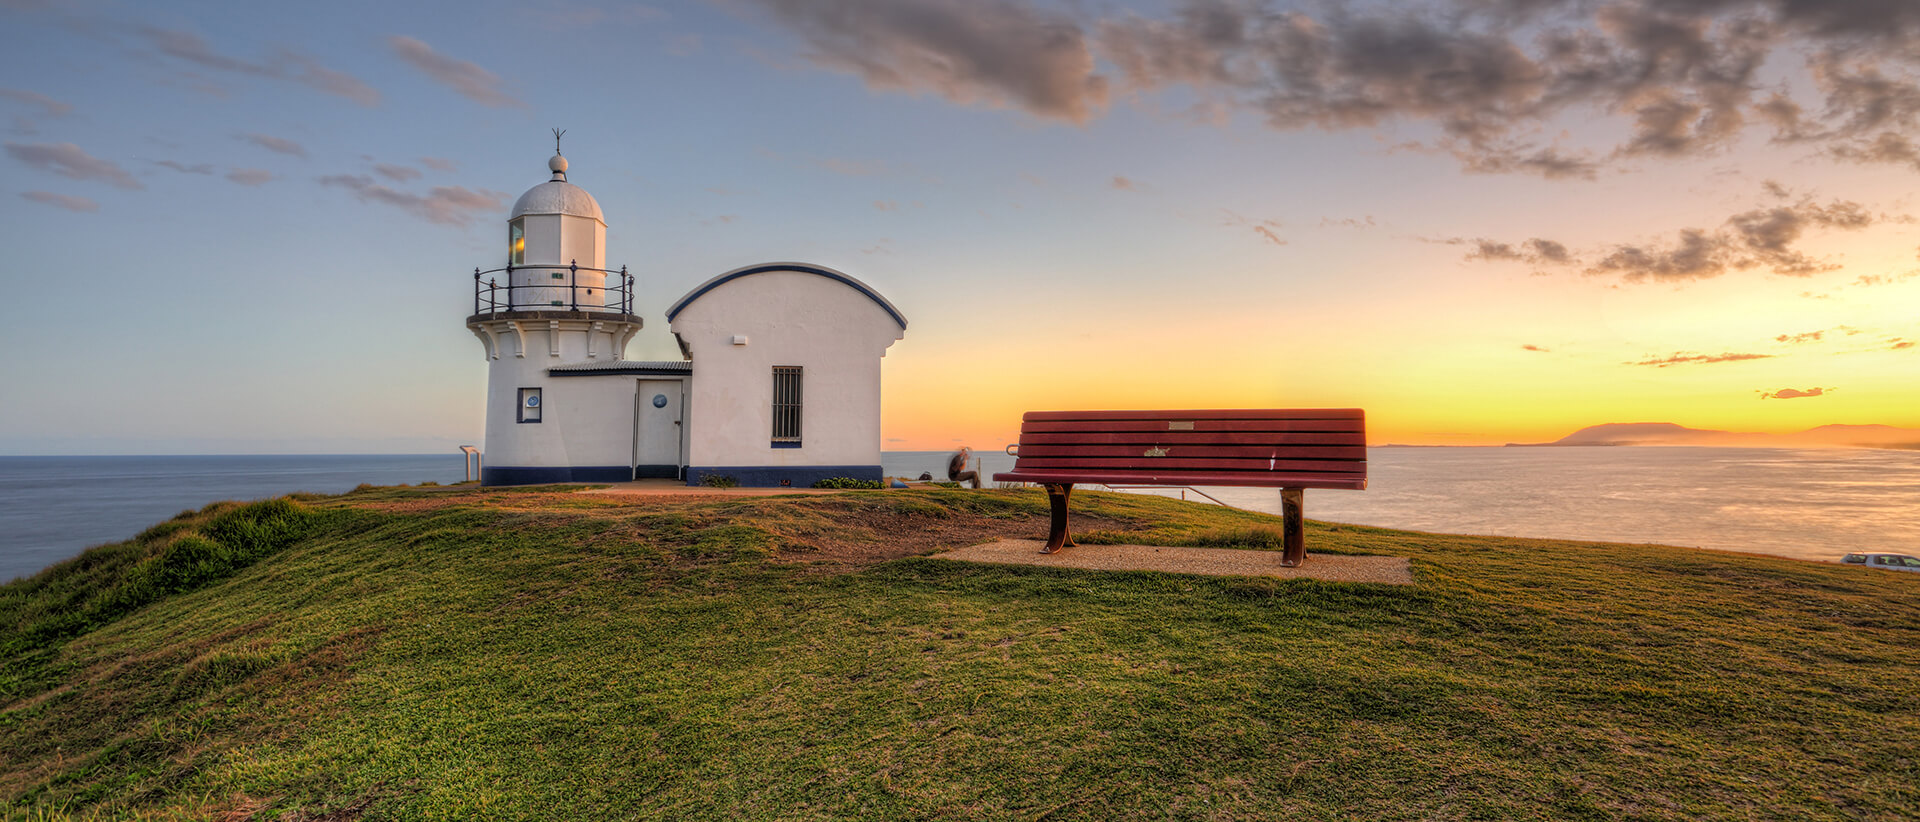 Порт-Маккуори, Новый Южный Уэльс, Австралия